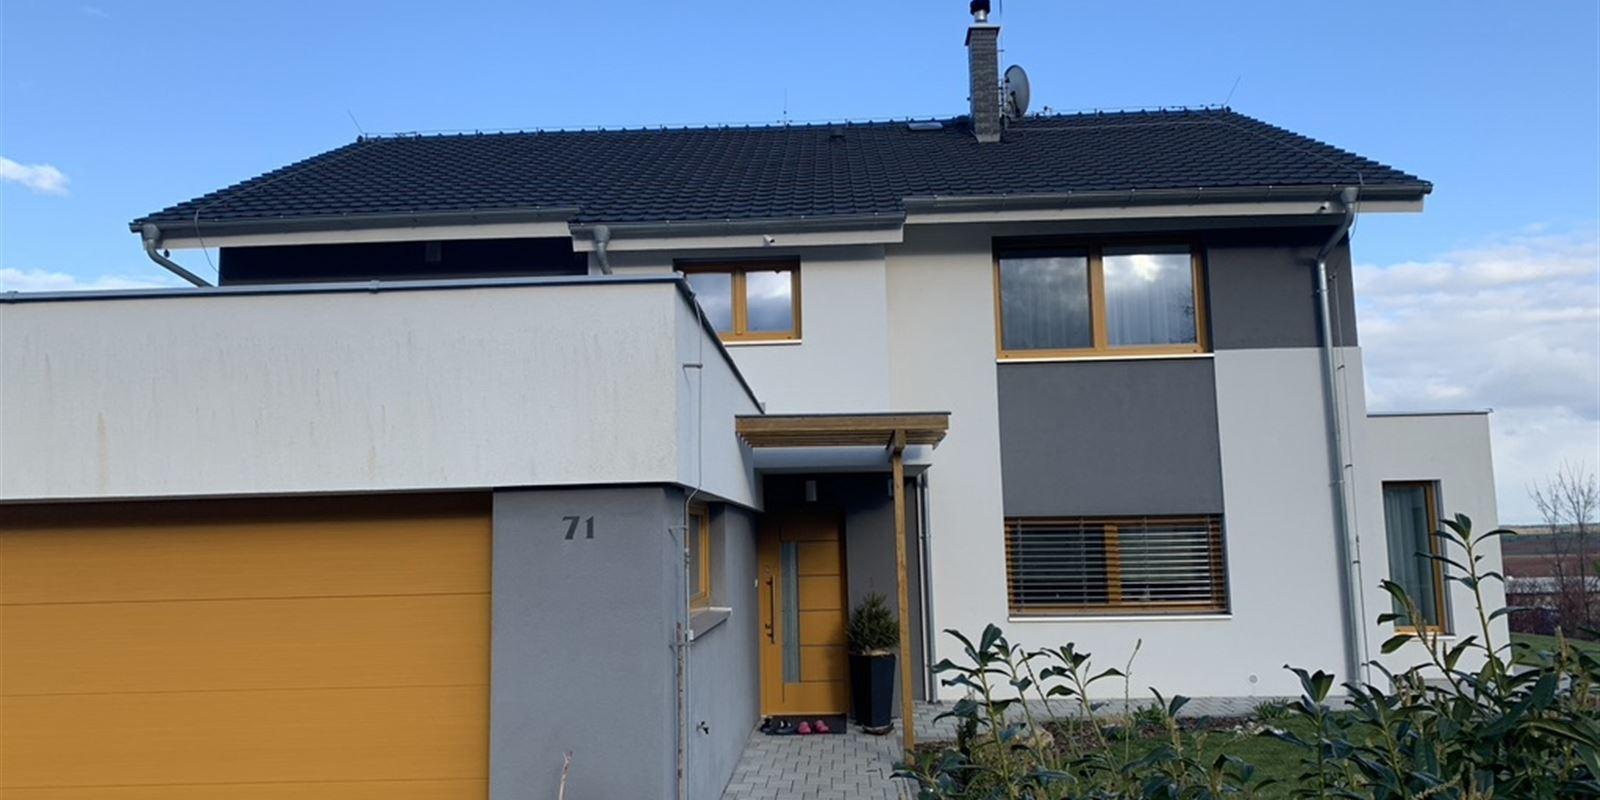 Vorlíček   Okna a dveře - Kompletní dodávka oken, vnějších žaluzií, garážových vrat   2015